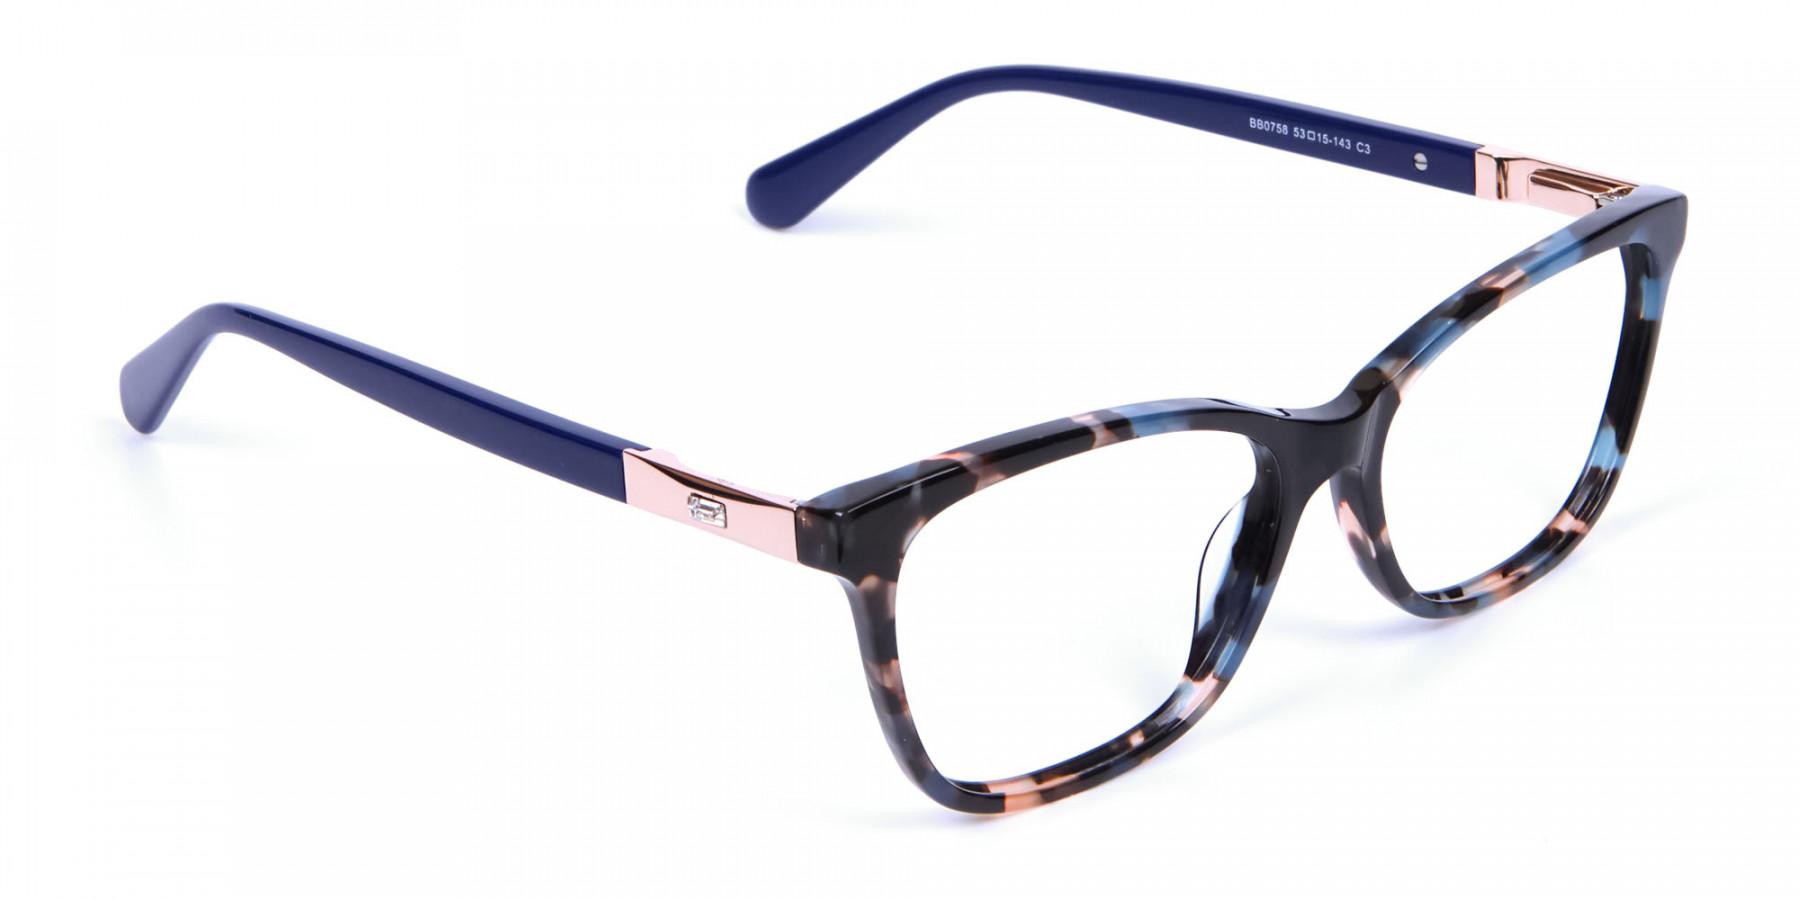 Blue Tortoiseshell Cat Eye Glasses for Women